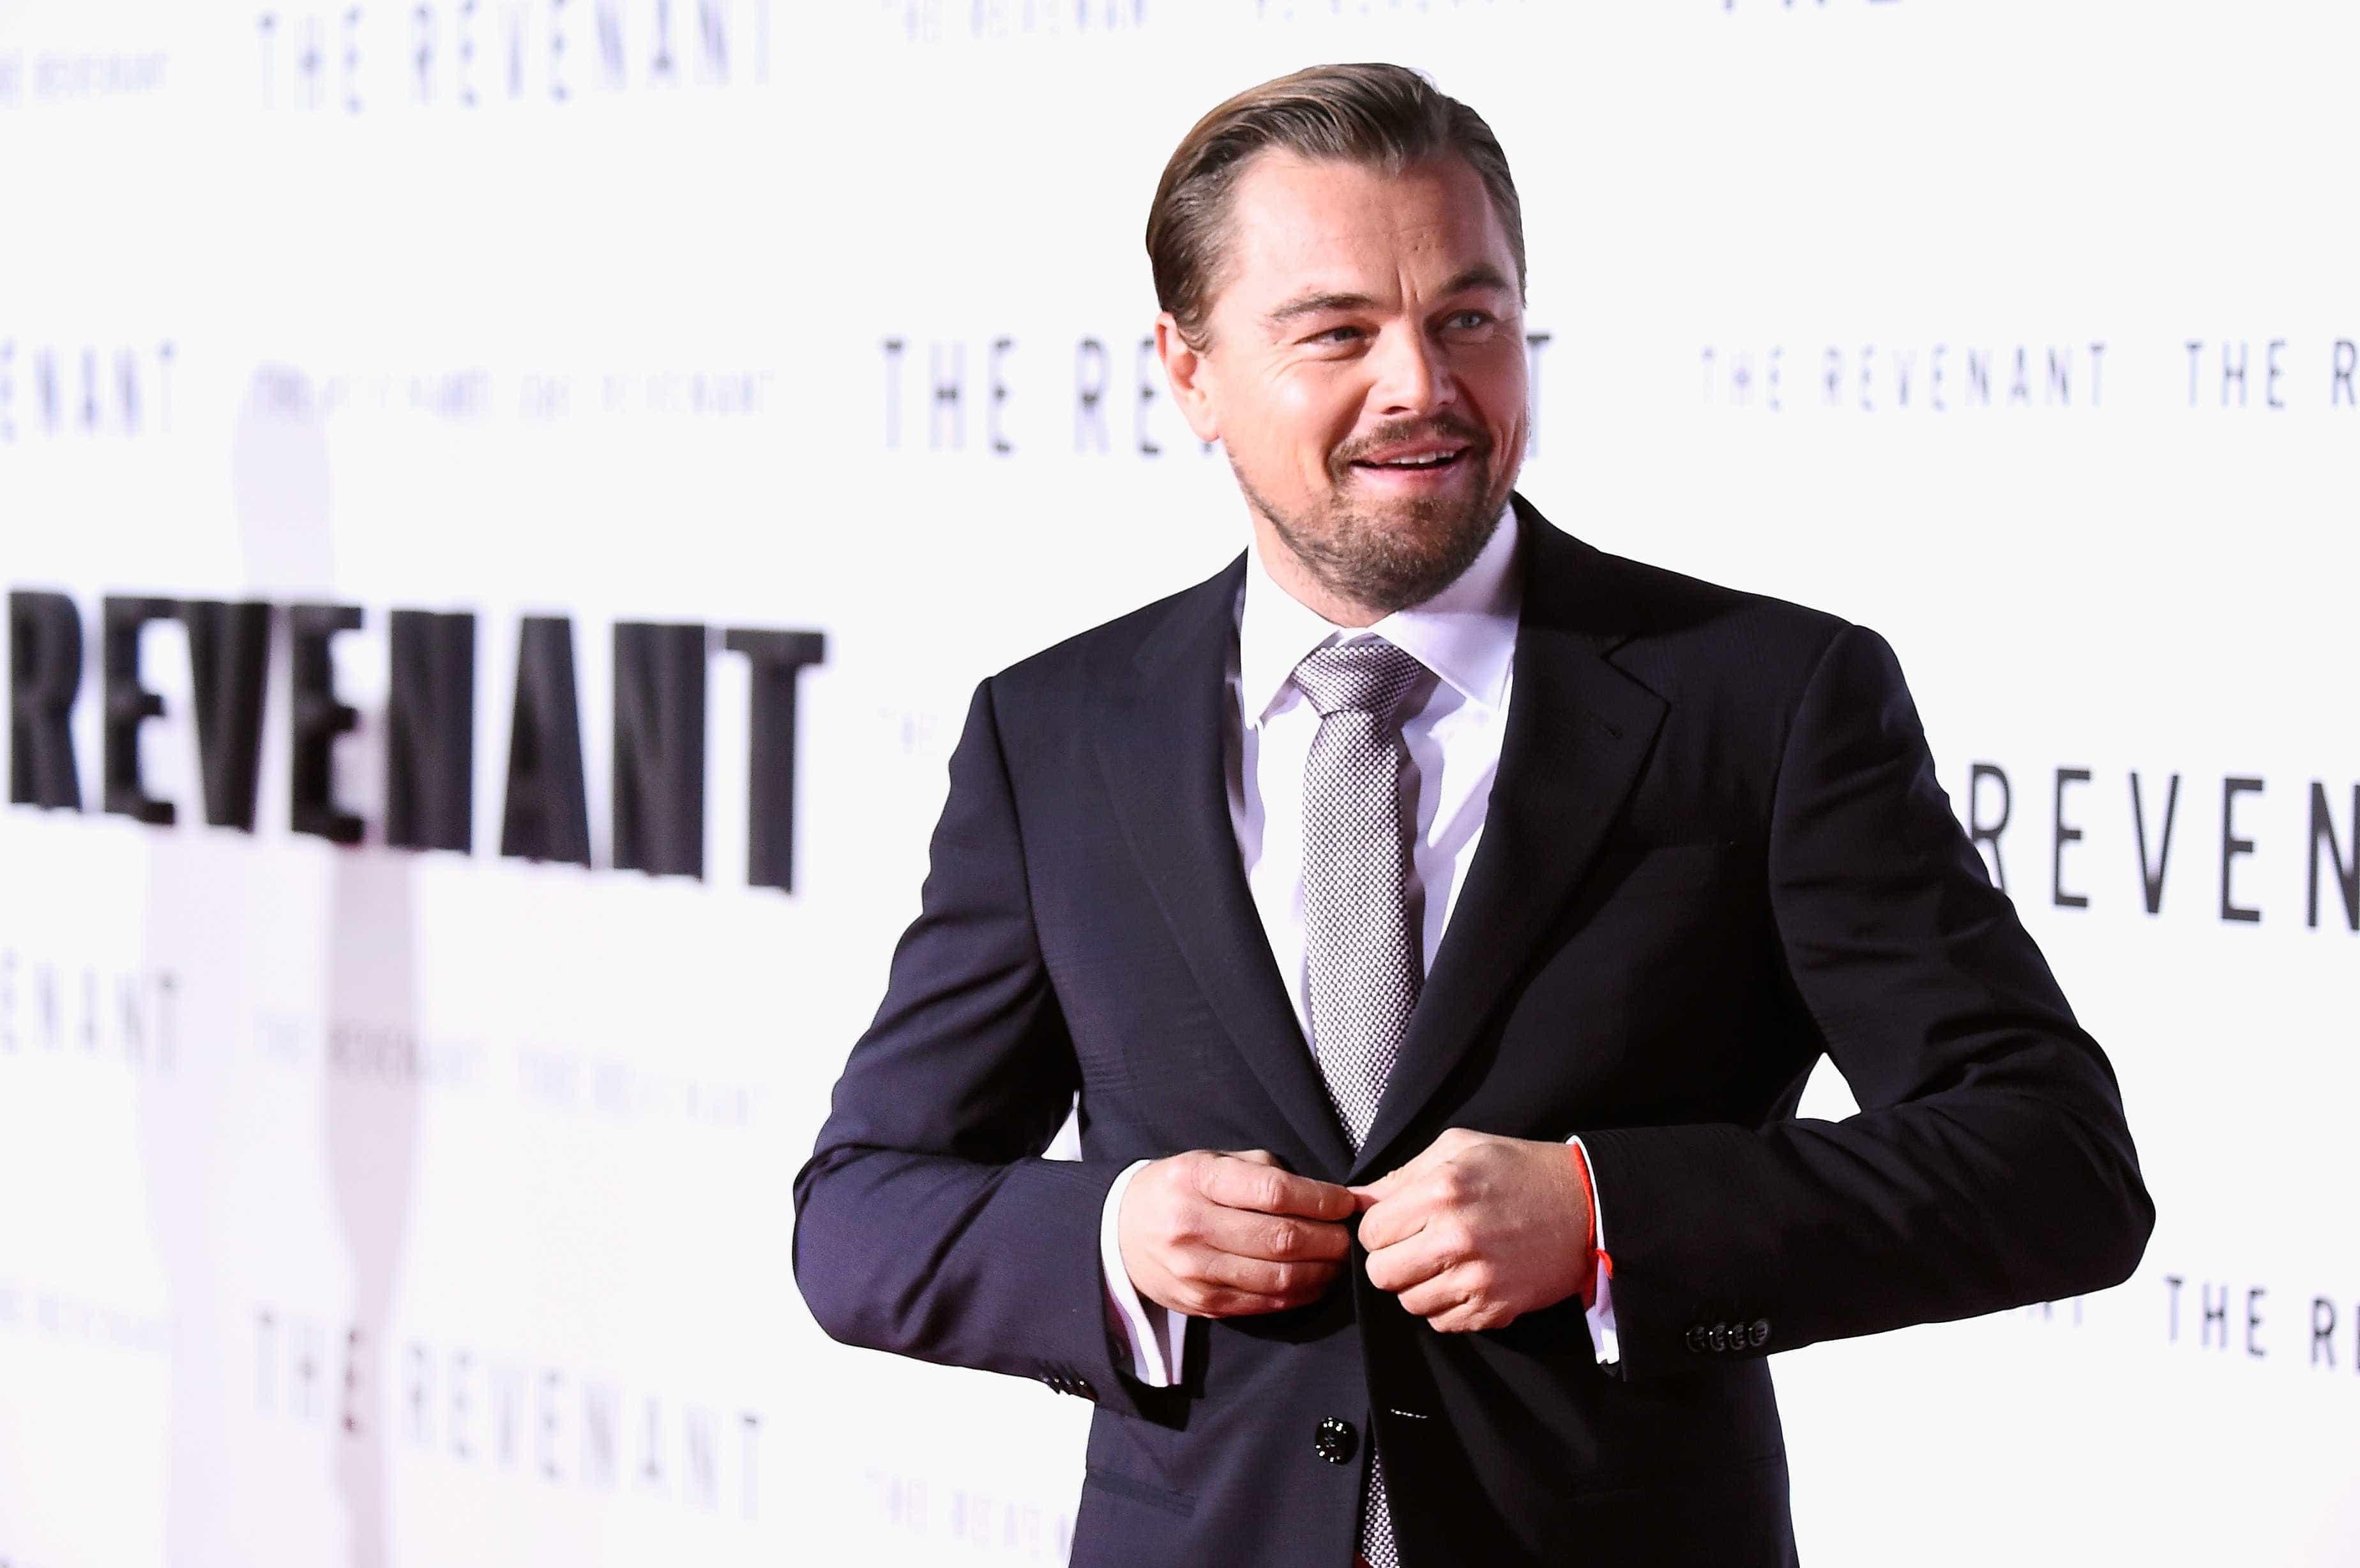 DiCaprio recordista: Ator já andou com 10 modelos da Victoria's Secret -